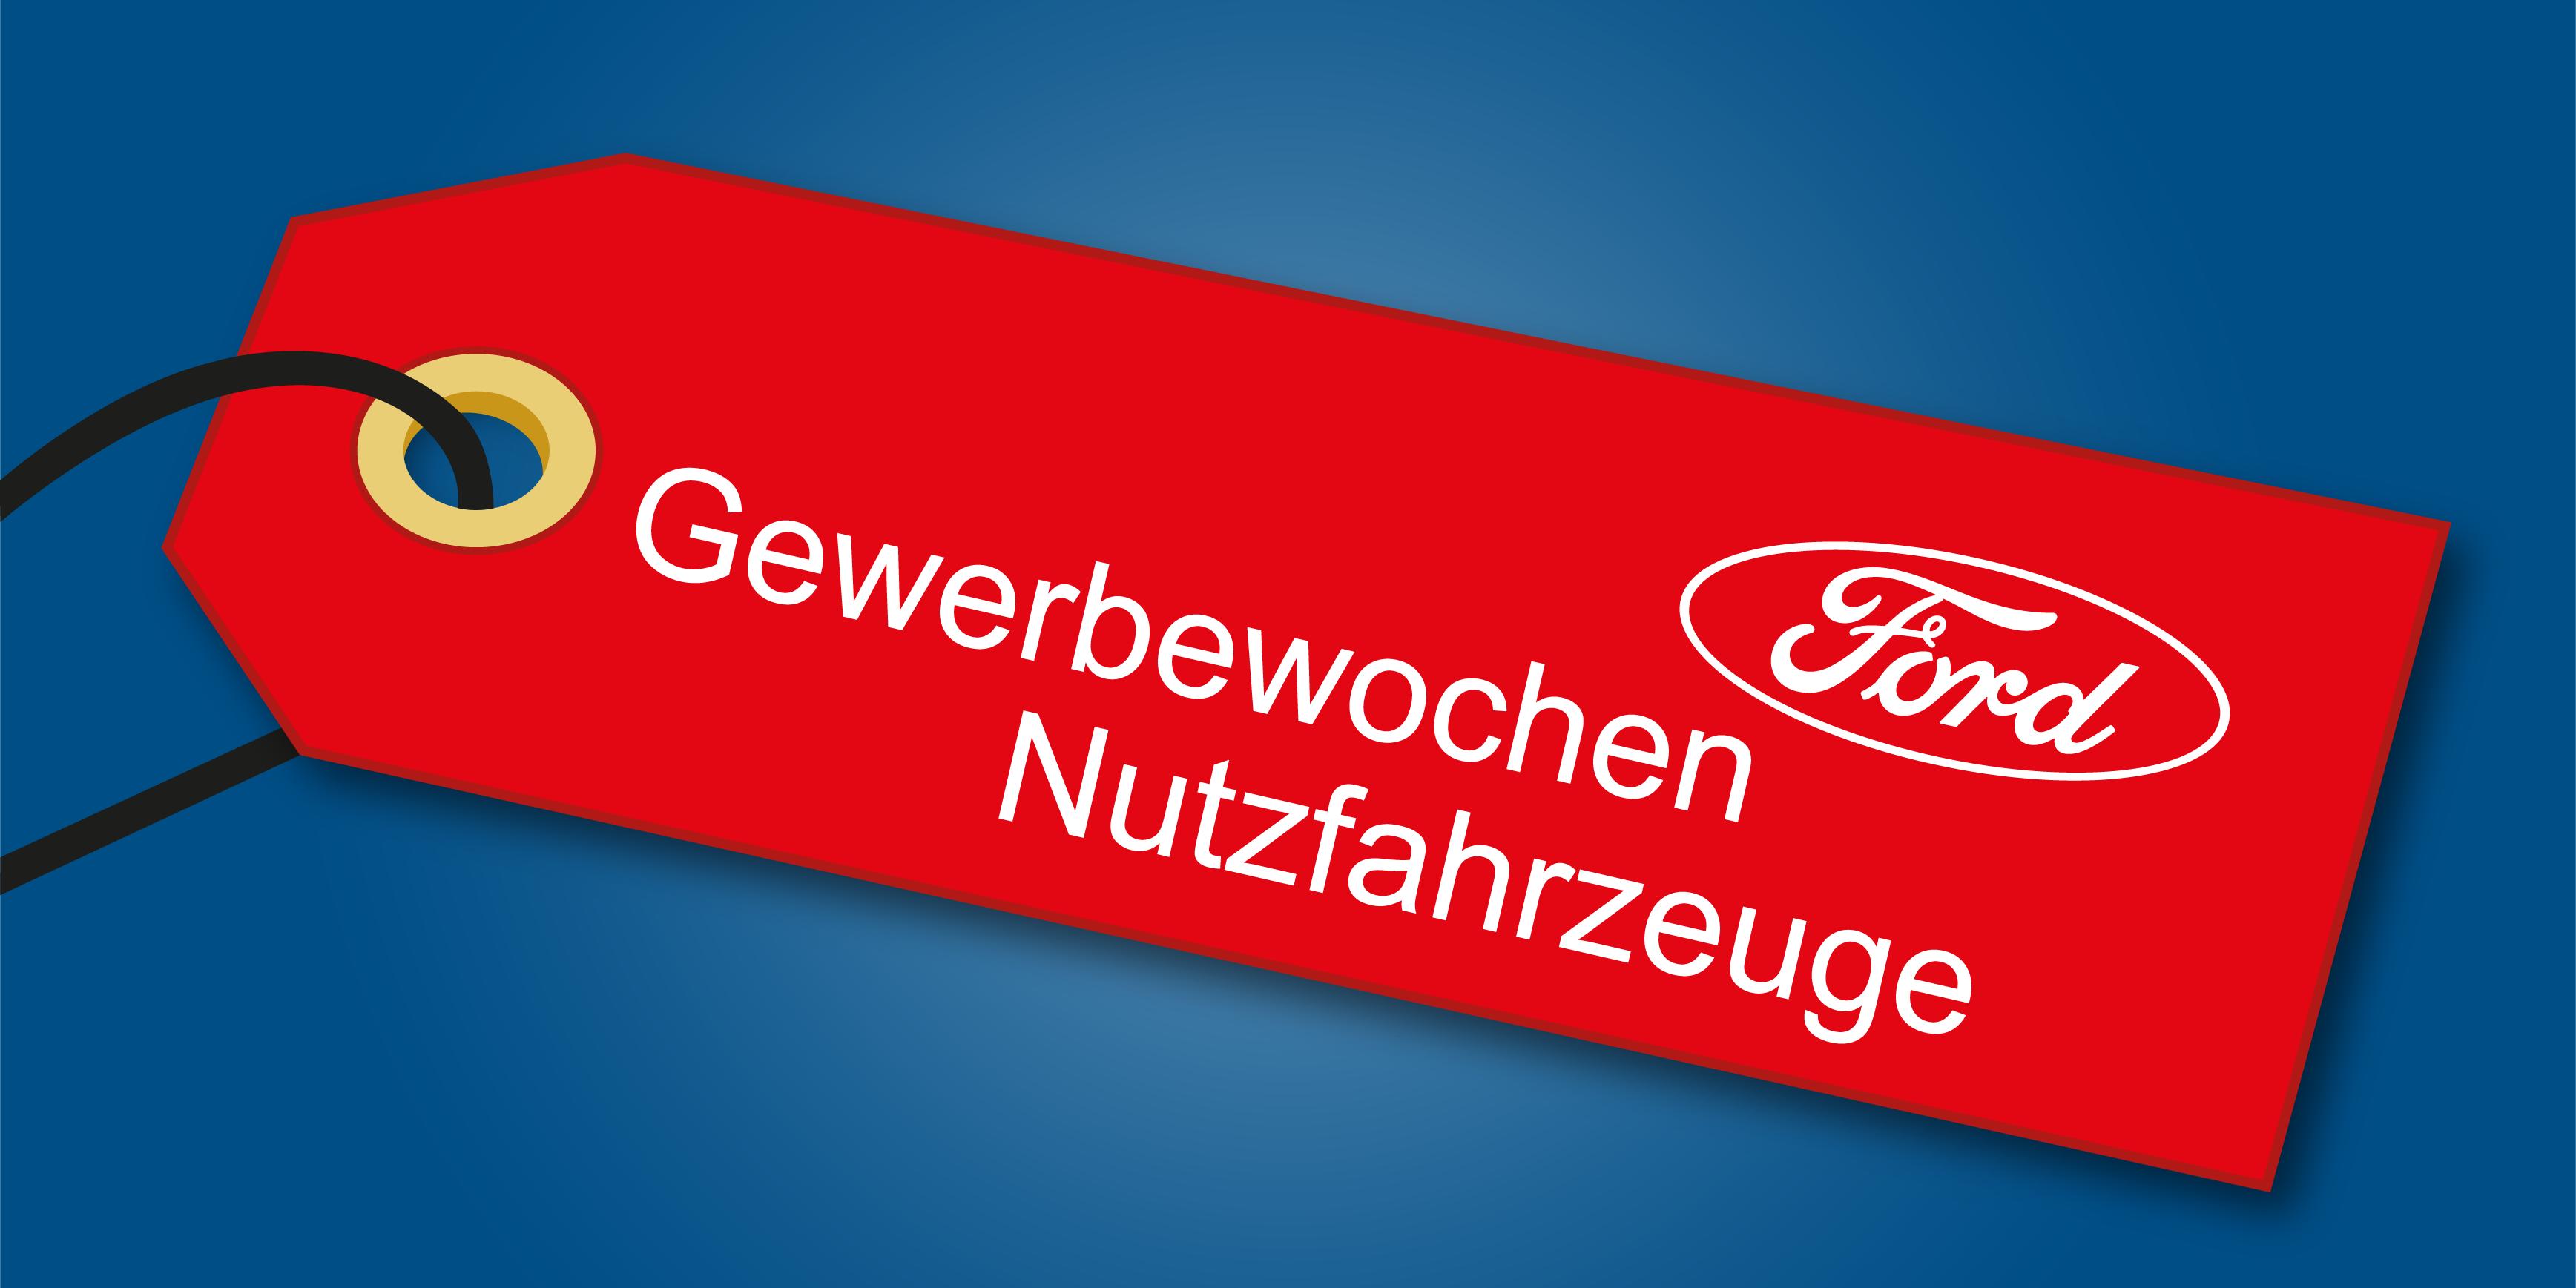 Angebot Ford Gewerbewochen Nutzfahrzeuge bei Auto Jochem